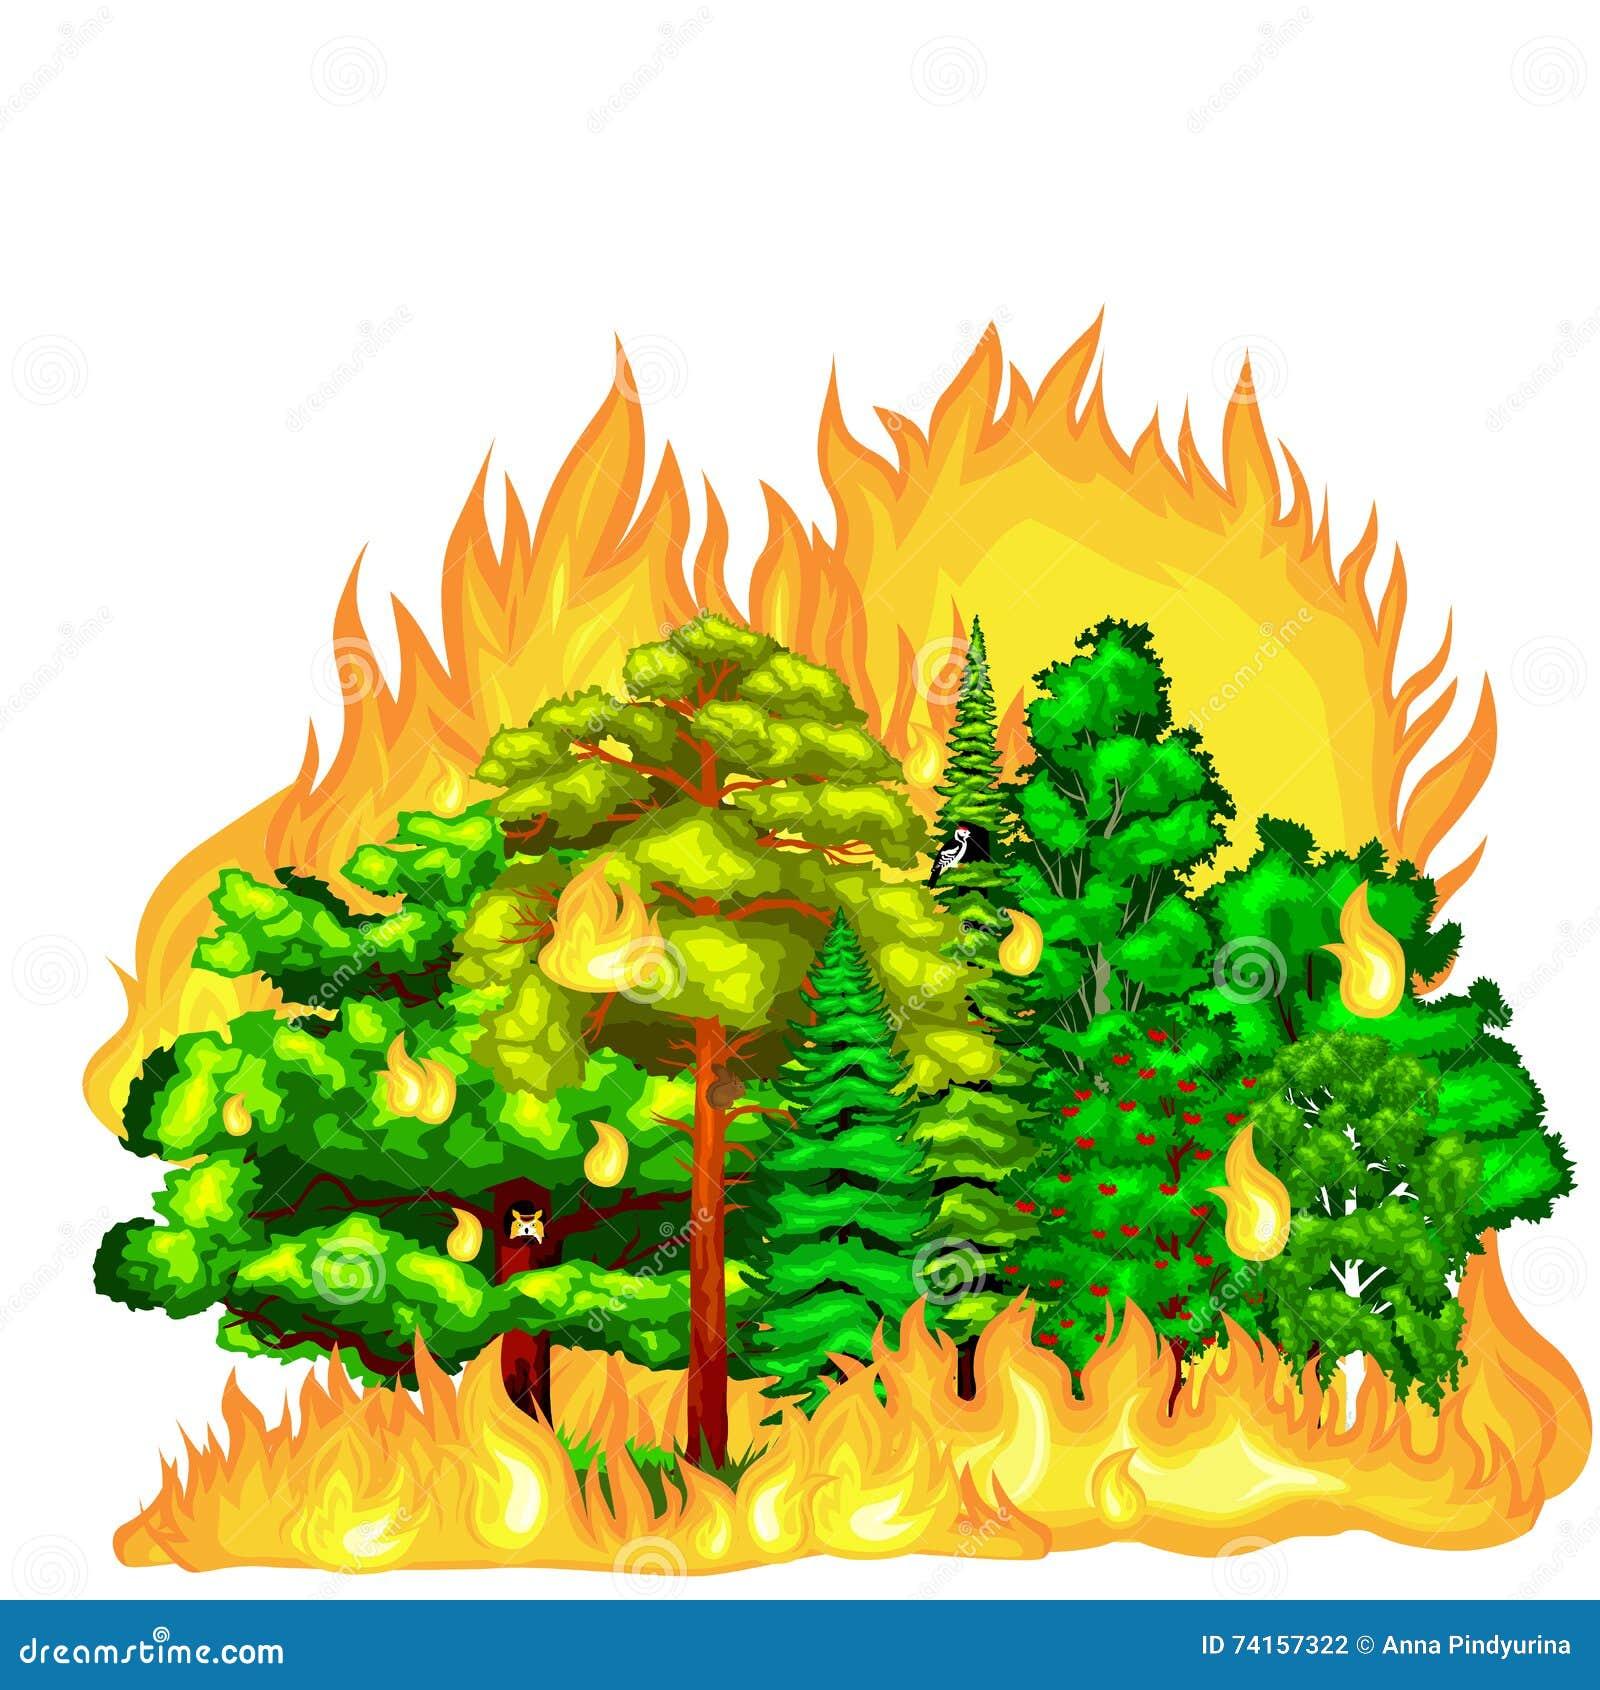 Pożar Lasu, ogień w lasu krajobrazu szkodzie, natury ekologii katastrofa, gorący płonący drzewa, niebezpieczeństwo pożaru lasu pł